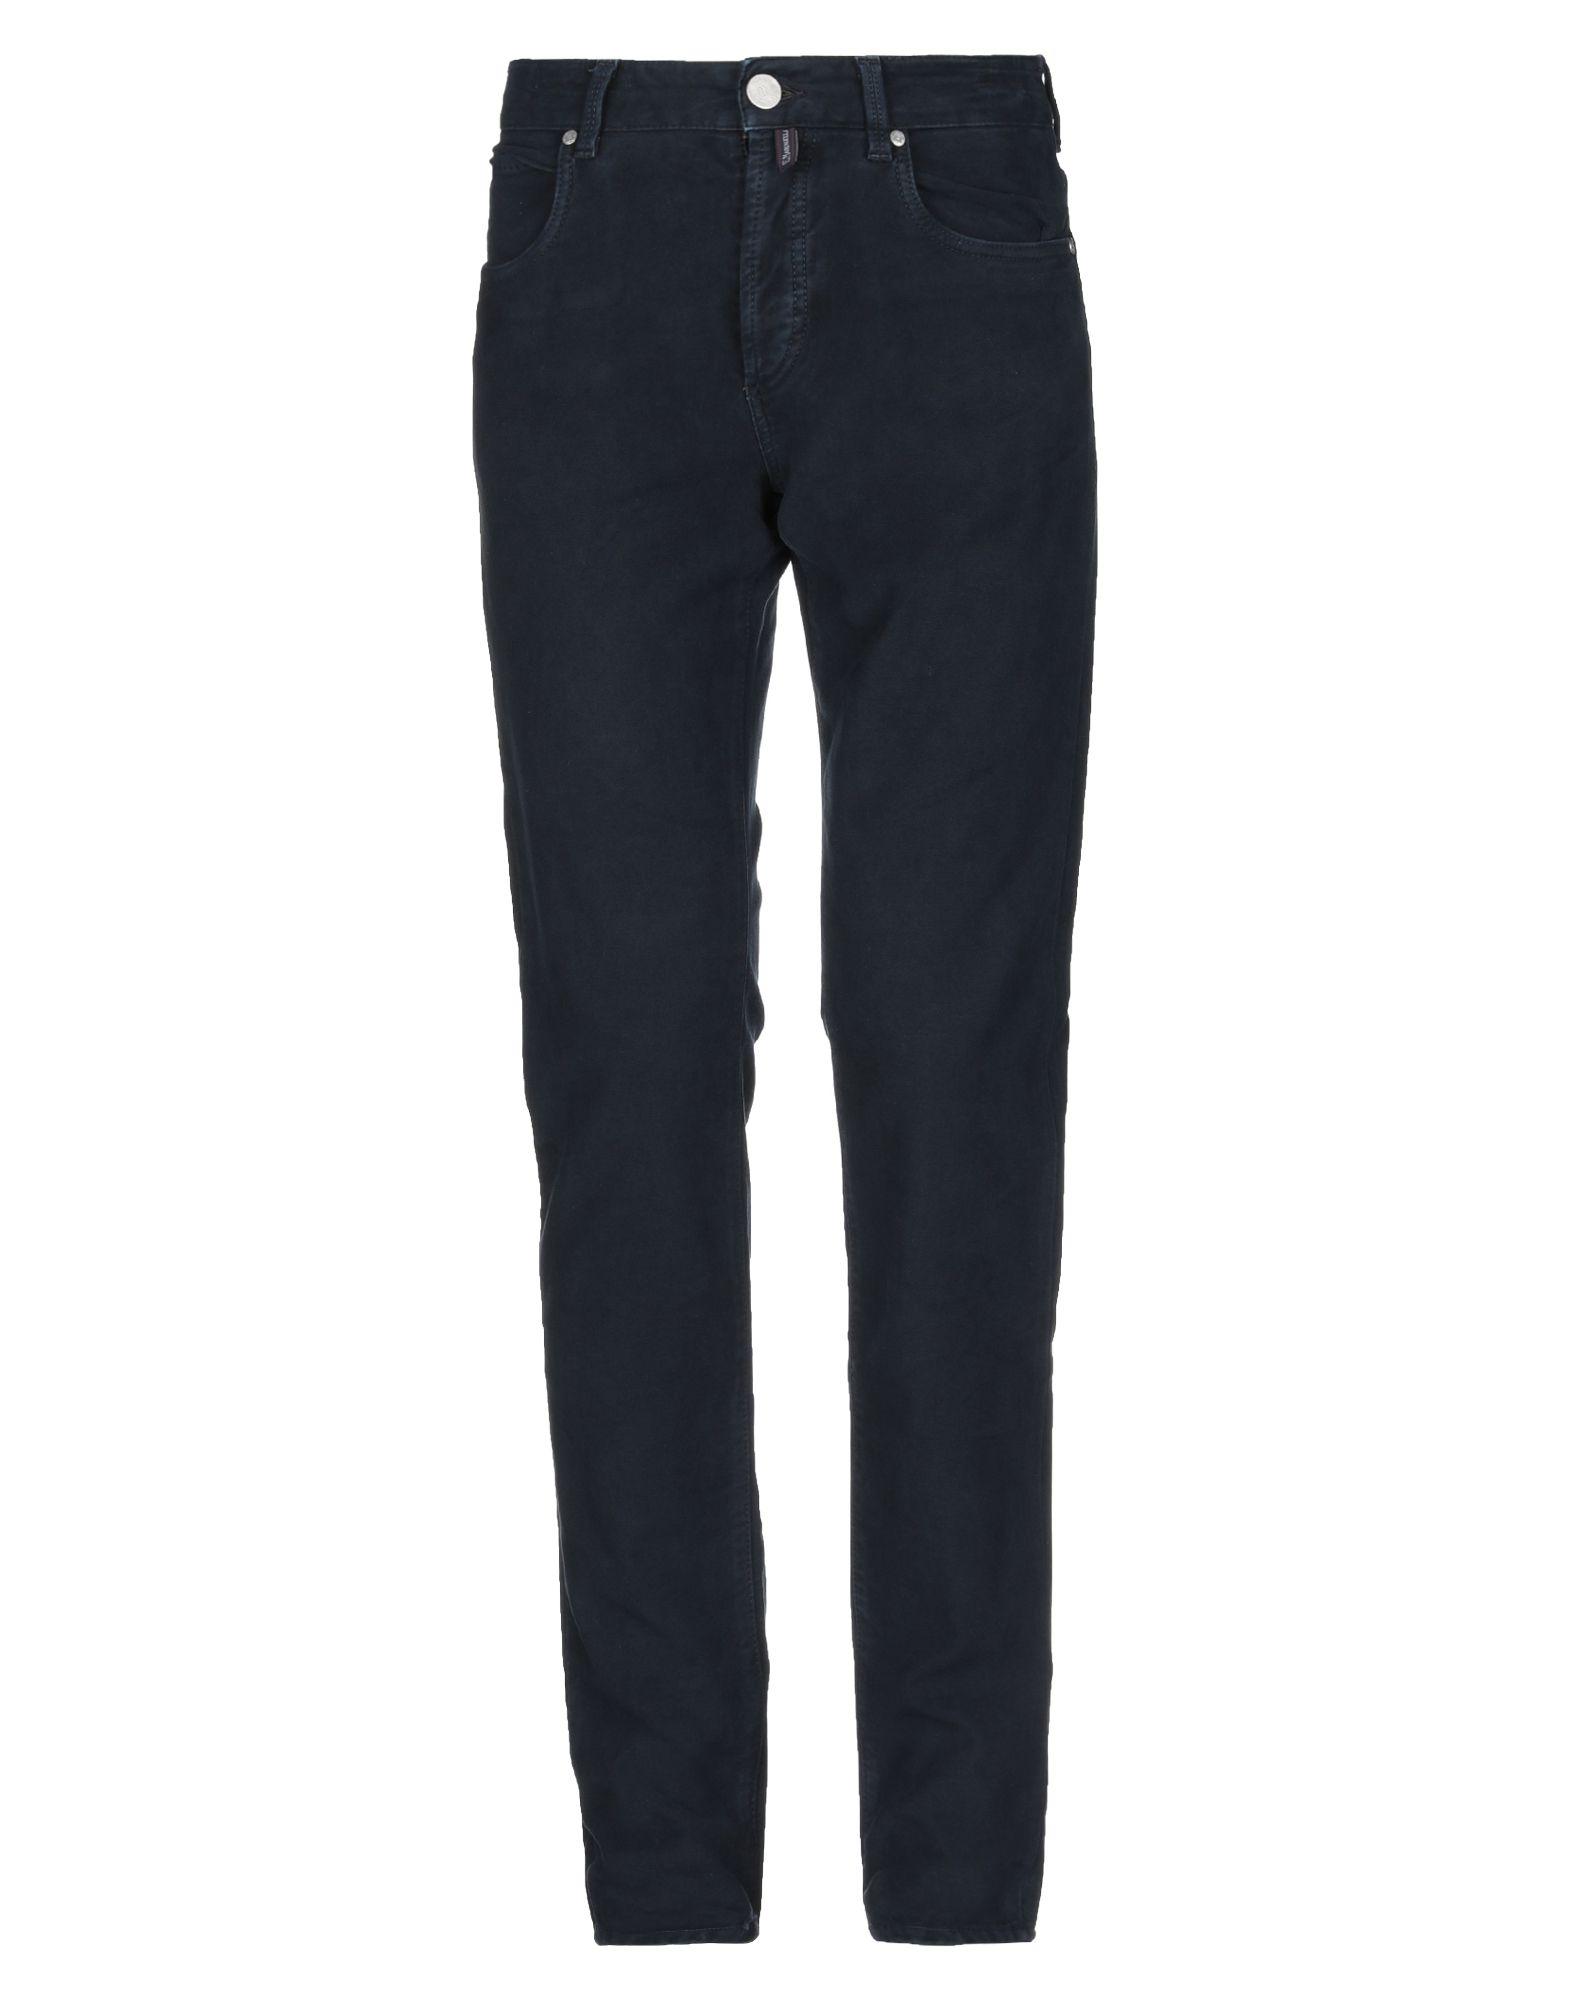 《期間限定 セール開催中》E.MARINELLA メンズ パンツ ダークブルー 32 コットン 98% / ポリウレタン 2%